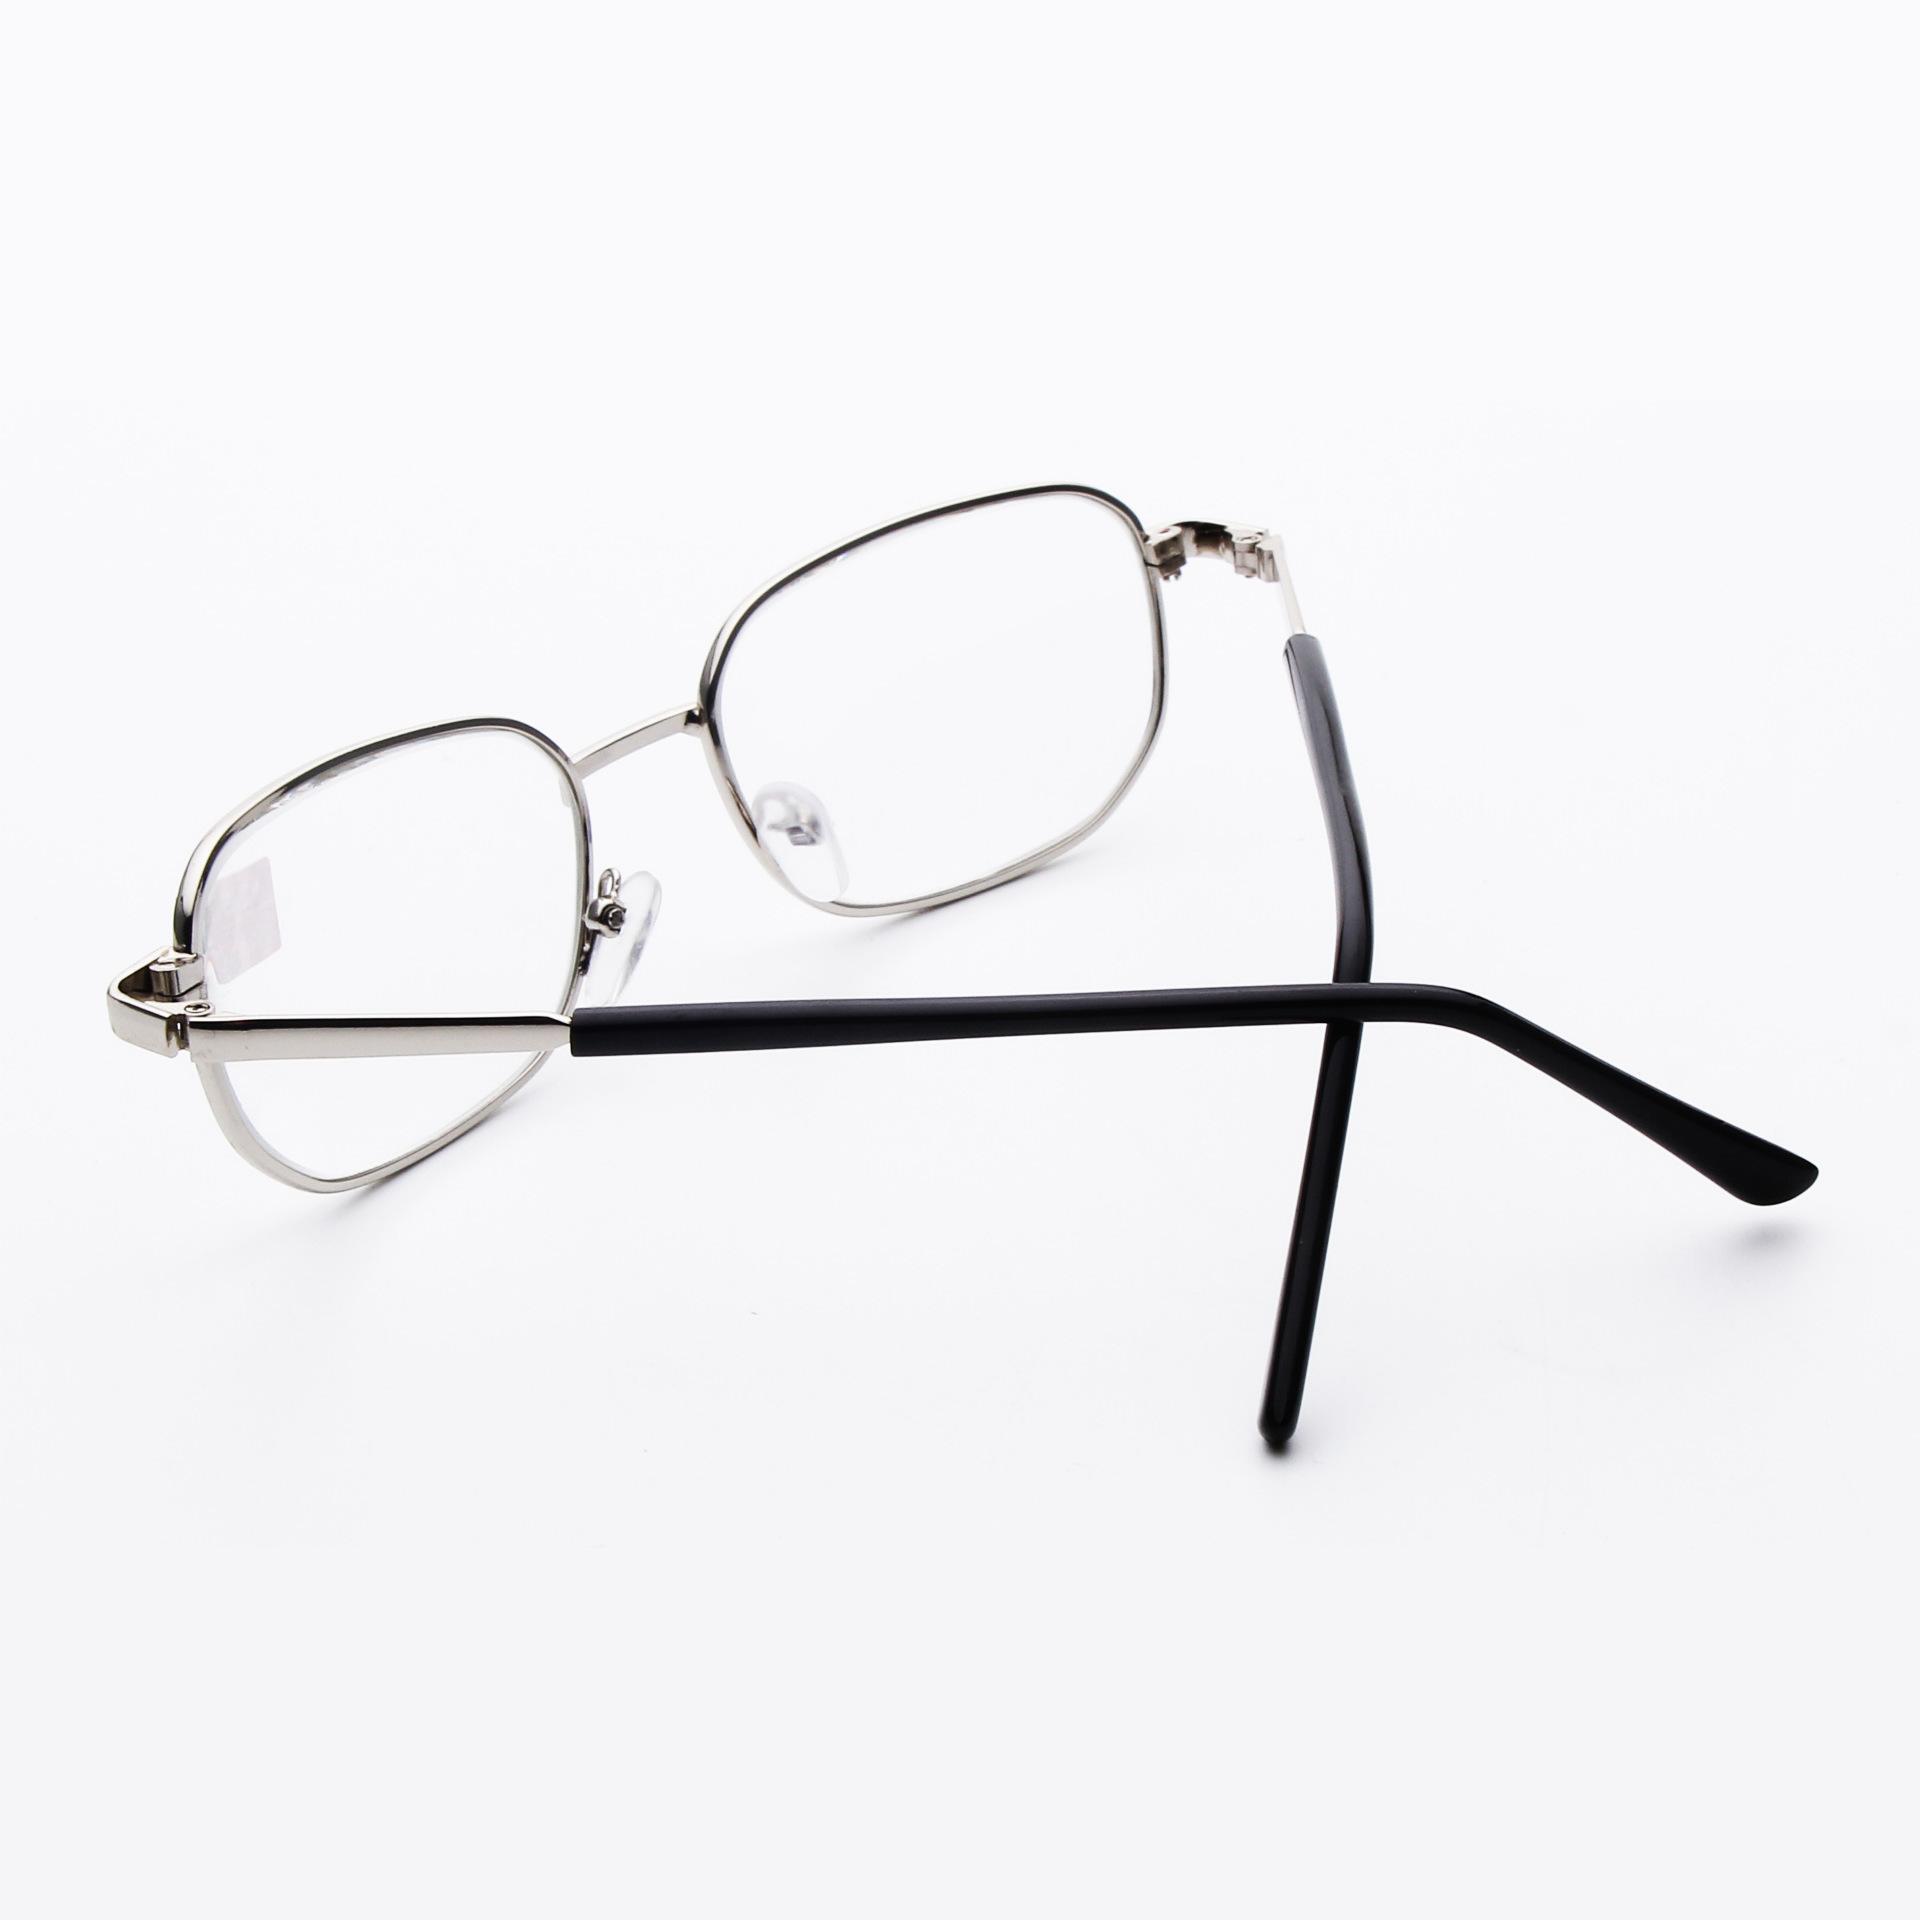 c55d2c805 Compre Novos Óculos De Leitura Retro Moda Armação De Metal Em Execução Rio  Óculos De Cristal Óculos De Leitura De Lulu0122, $14.2 | Pt.Dhgate.Com